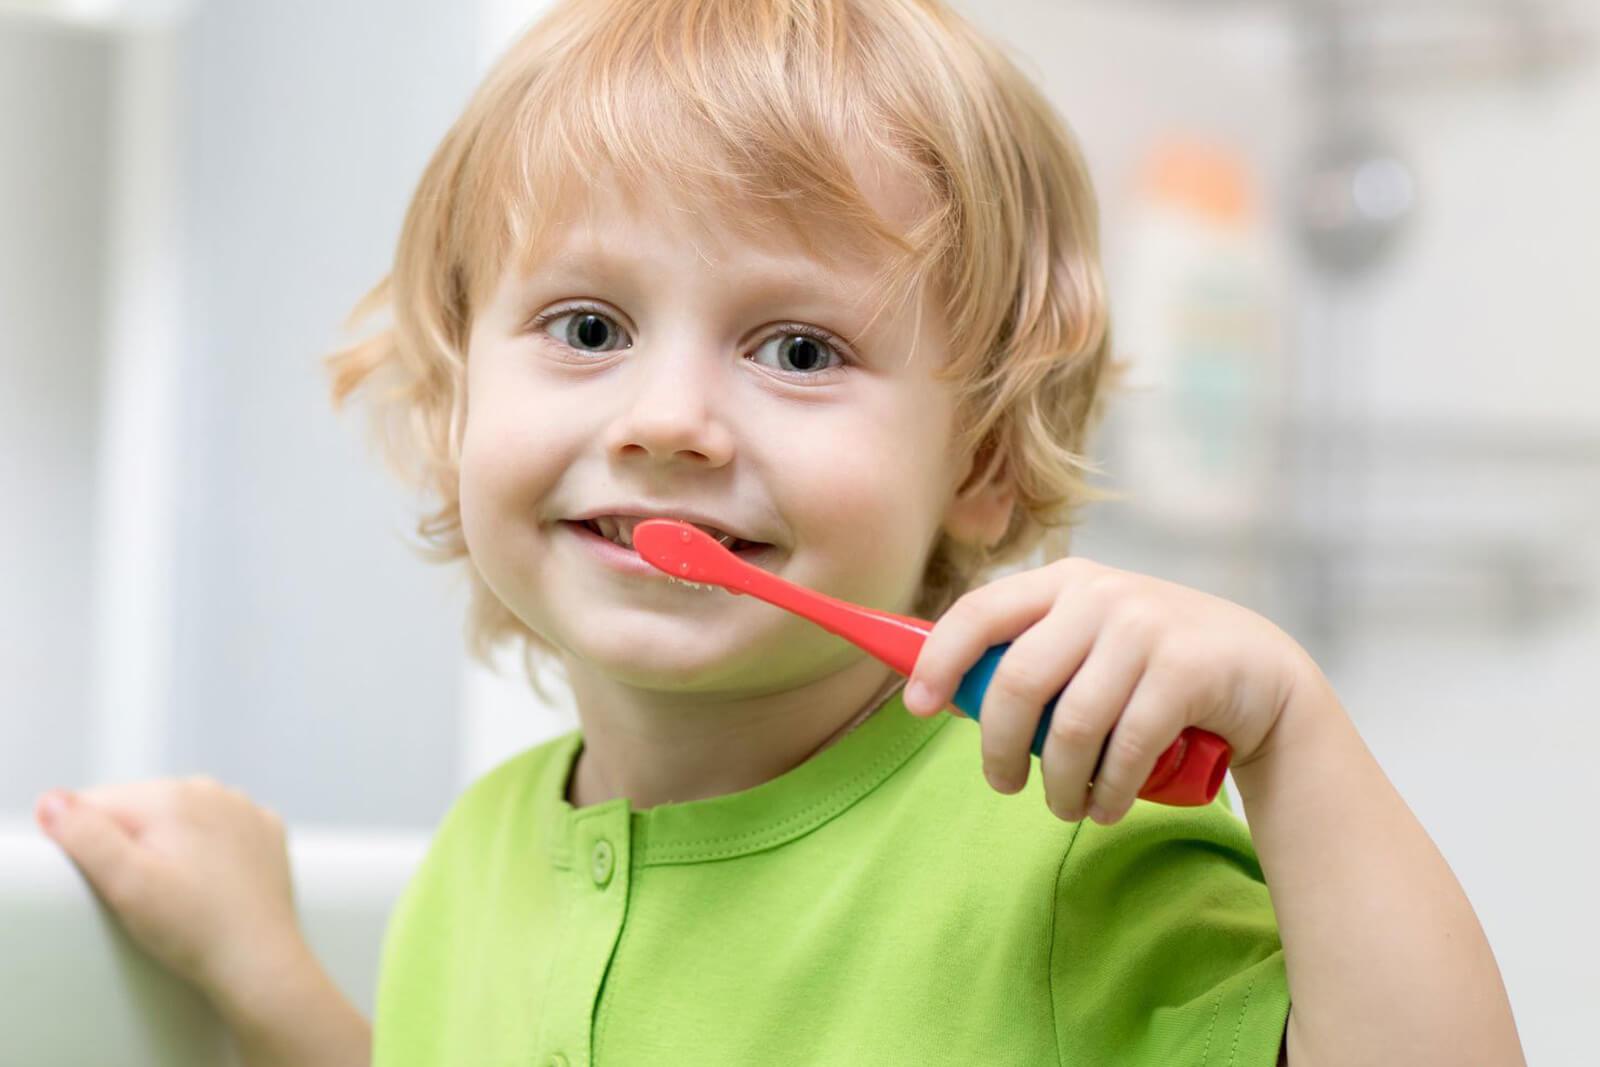 رعایت بهداشت دهان و دندان را از چه سنی به کودکان آموزش دهیم؟